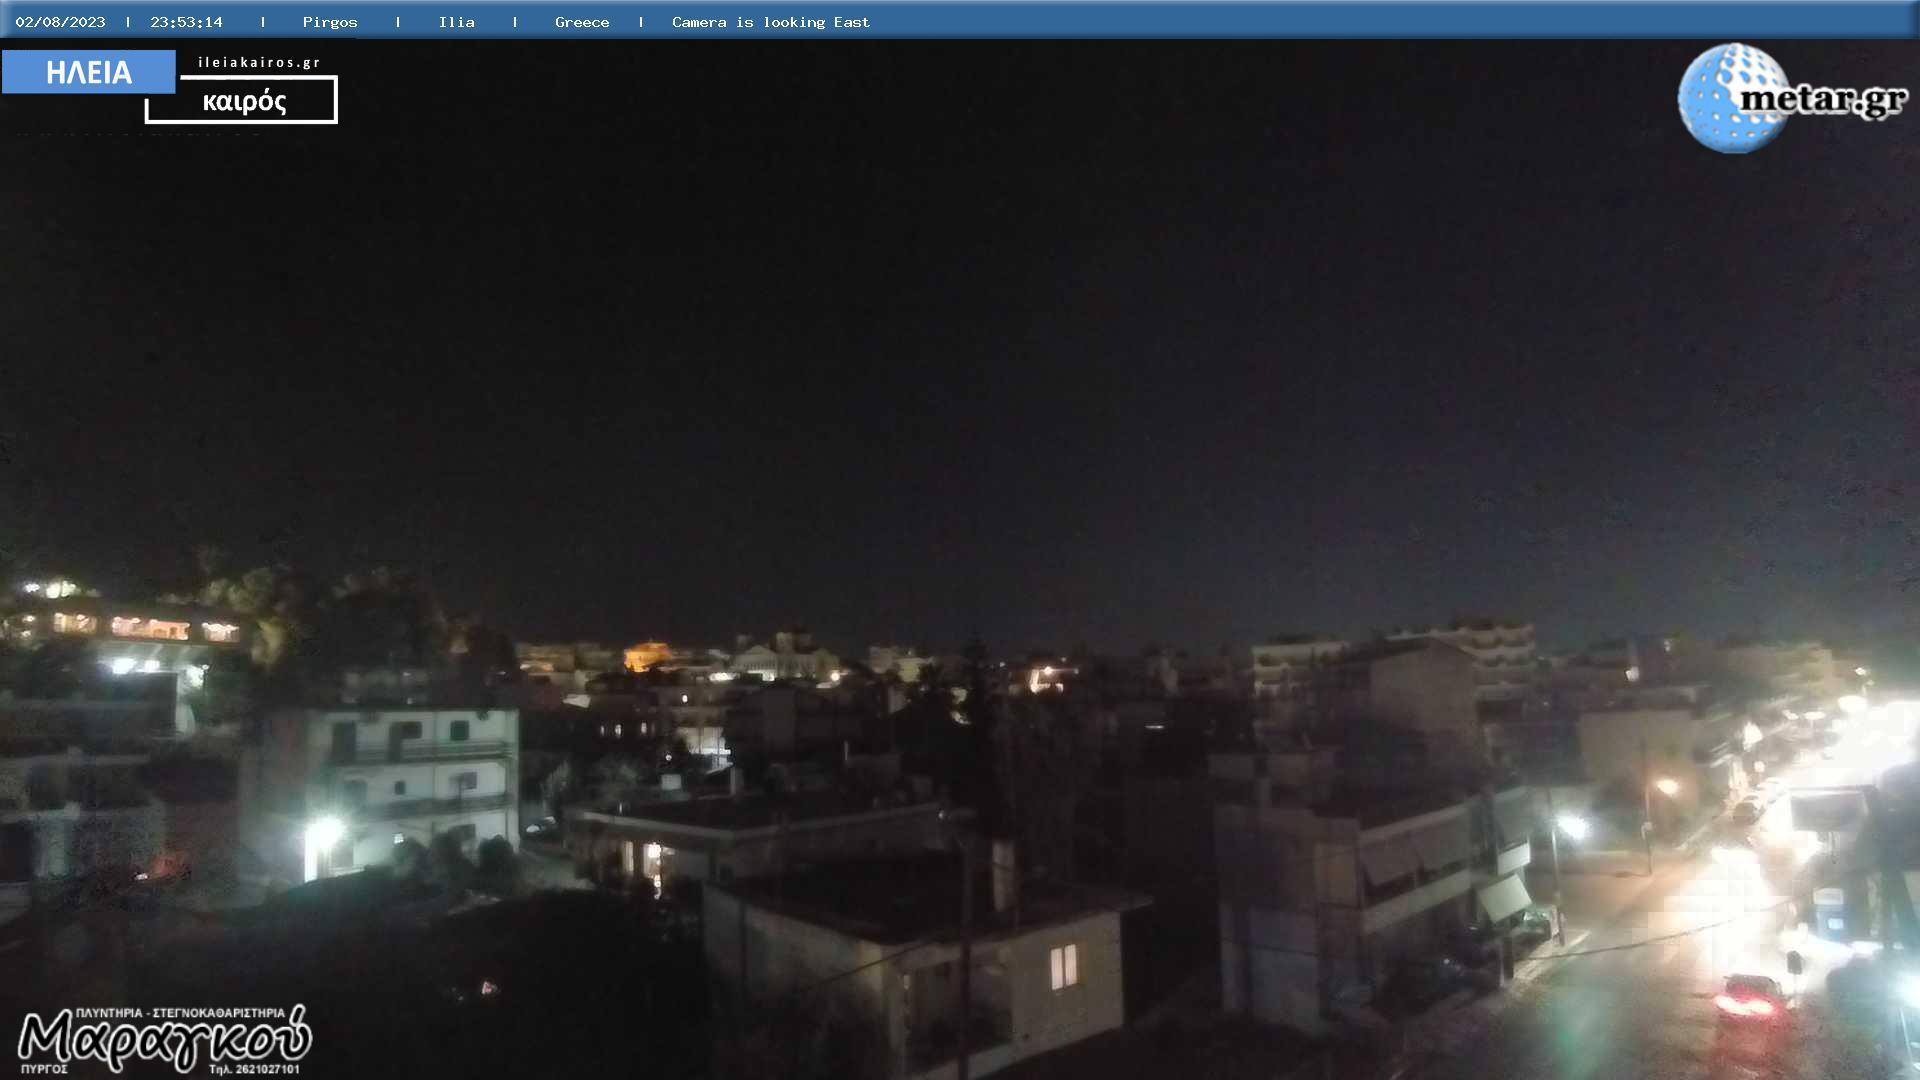 Webcam Pyrgos